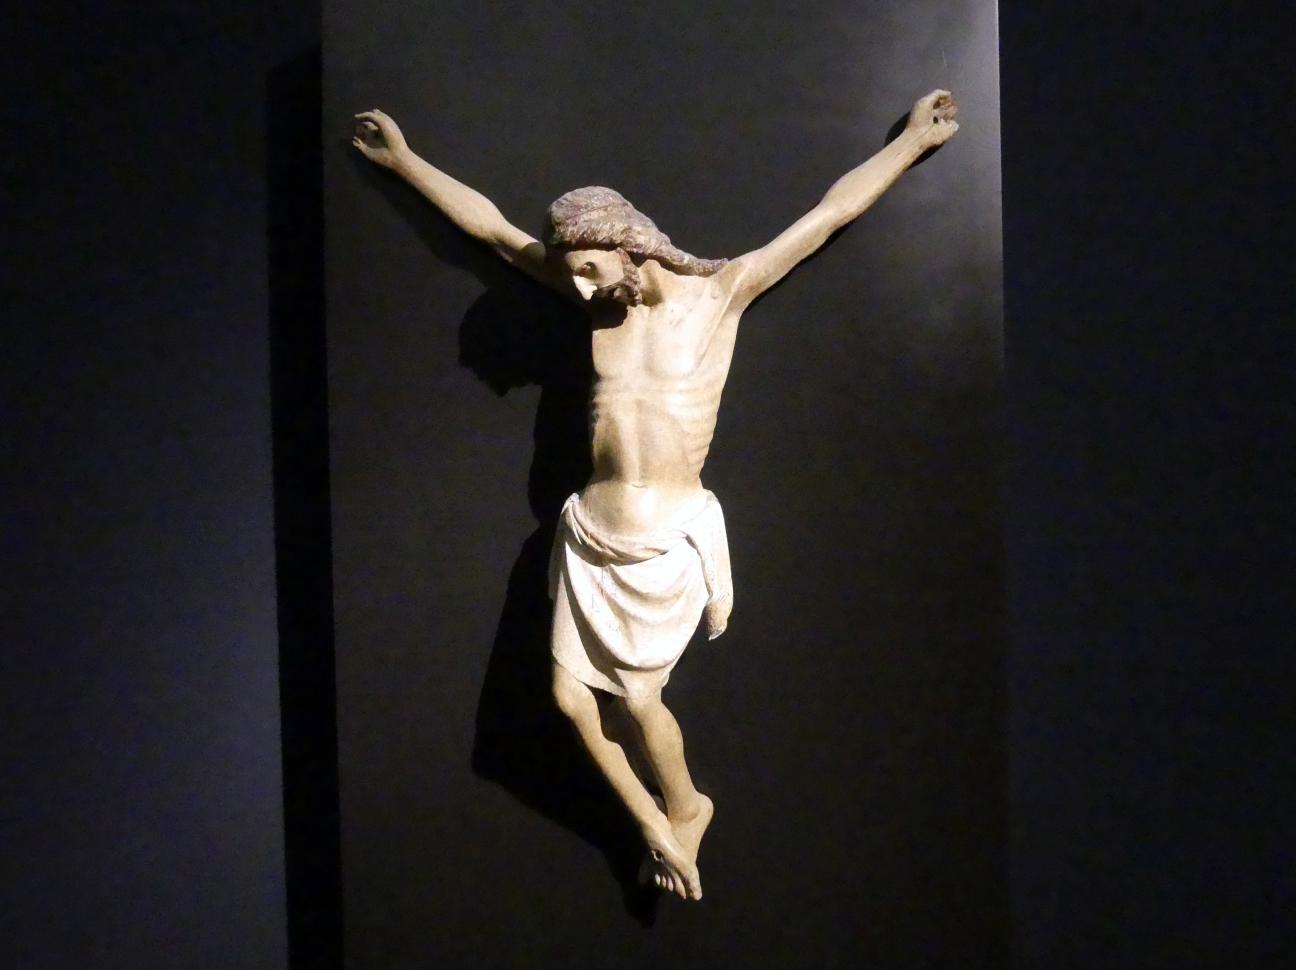 Gekreuzigter Christus, Um 1300 - 1350